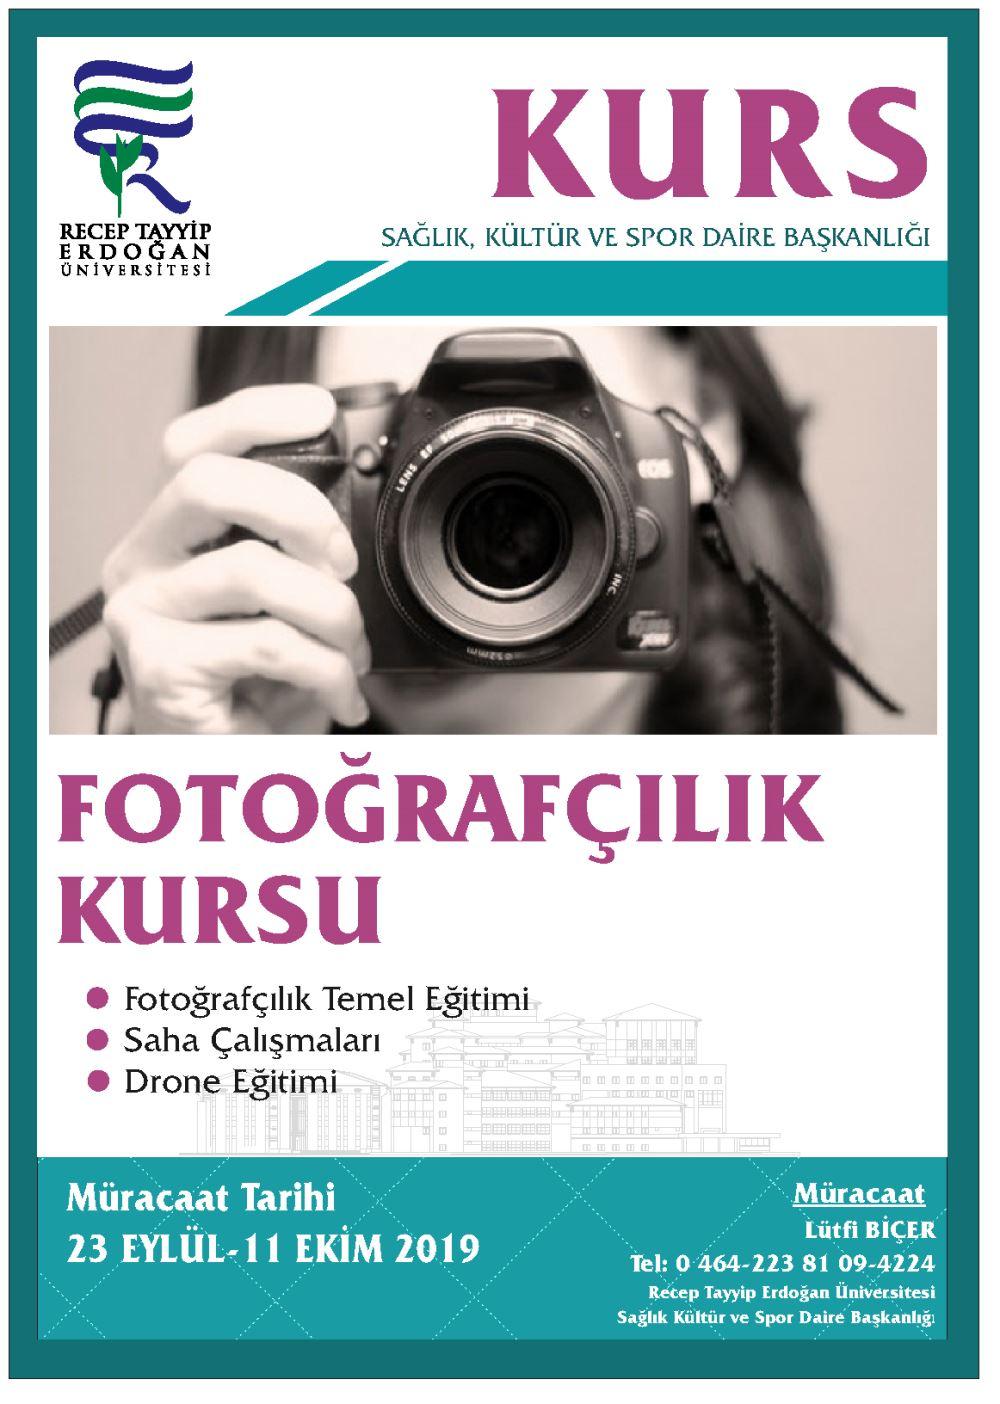 Fotoğrafcılık Kursu